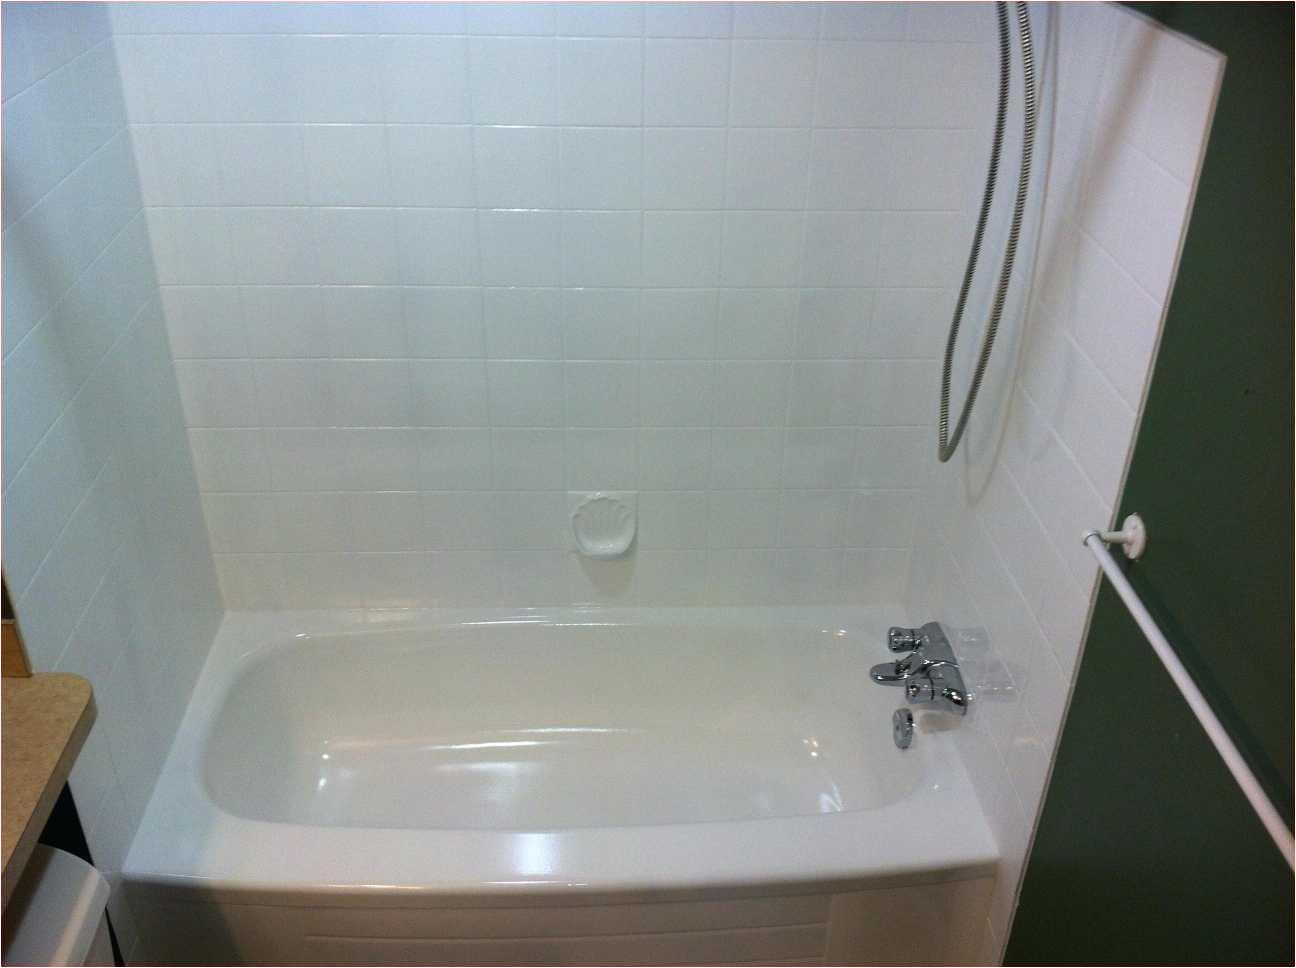 bathtub refinishing cost inspirational fine new bathtub cost bathroom with bathtub ideas gigasil of luxury bathtub